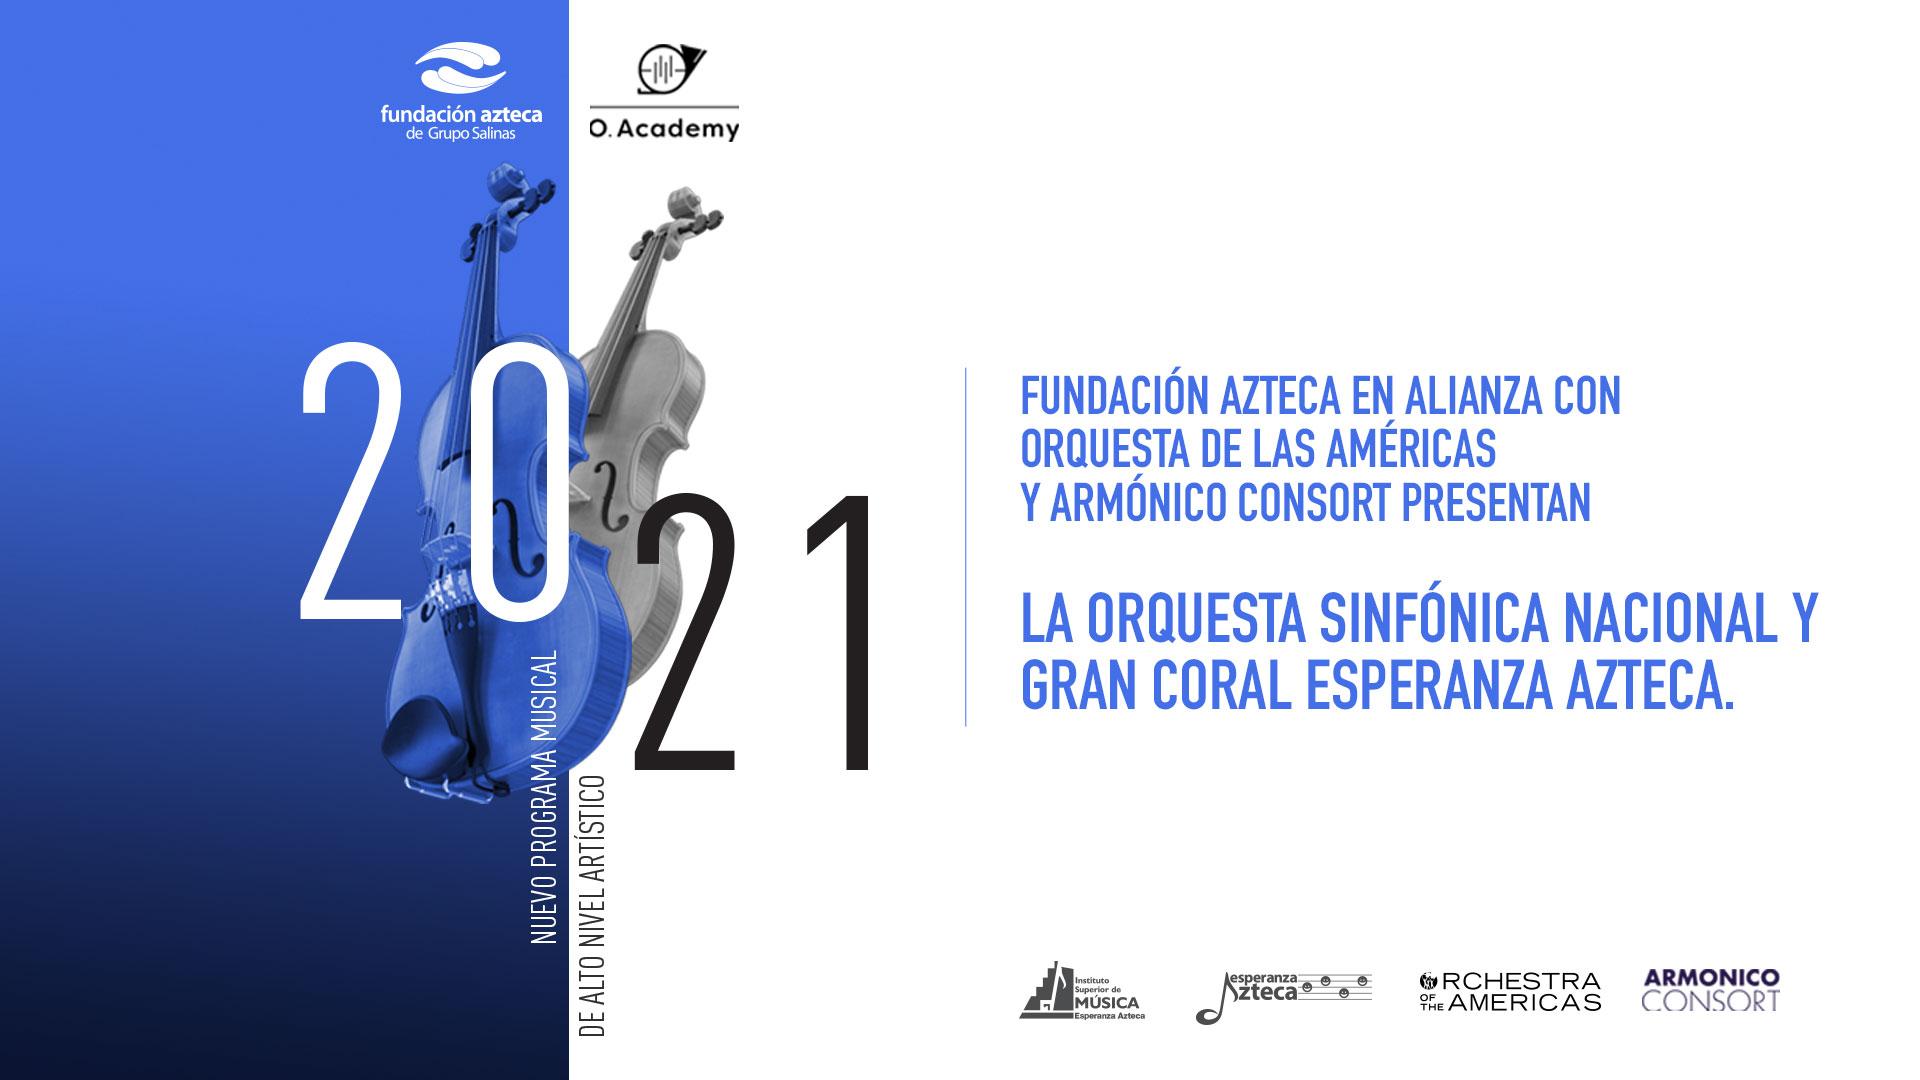 Artículo Fundación Azteca